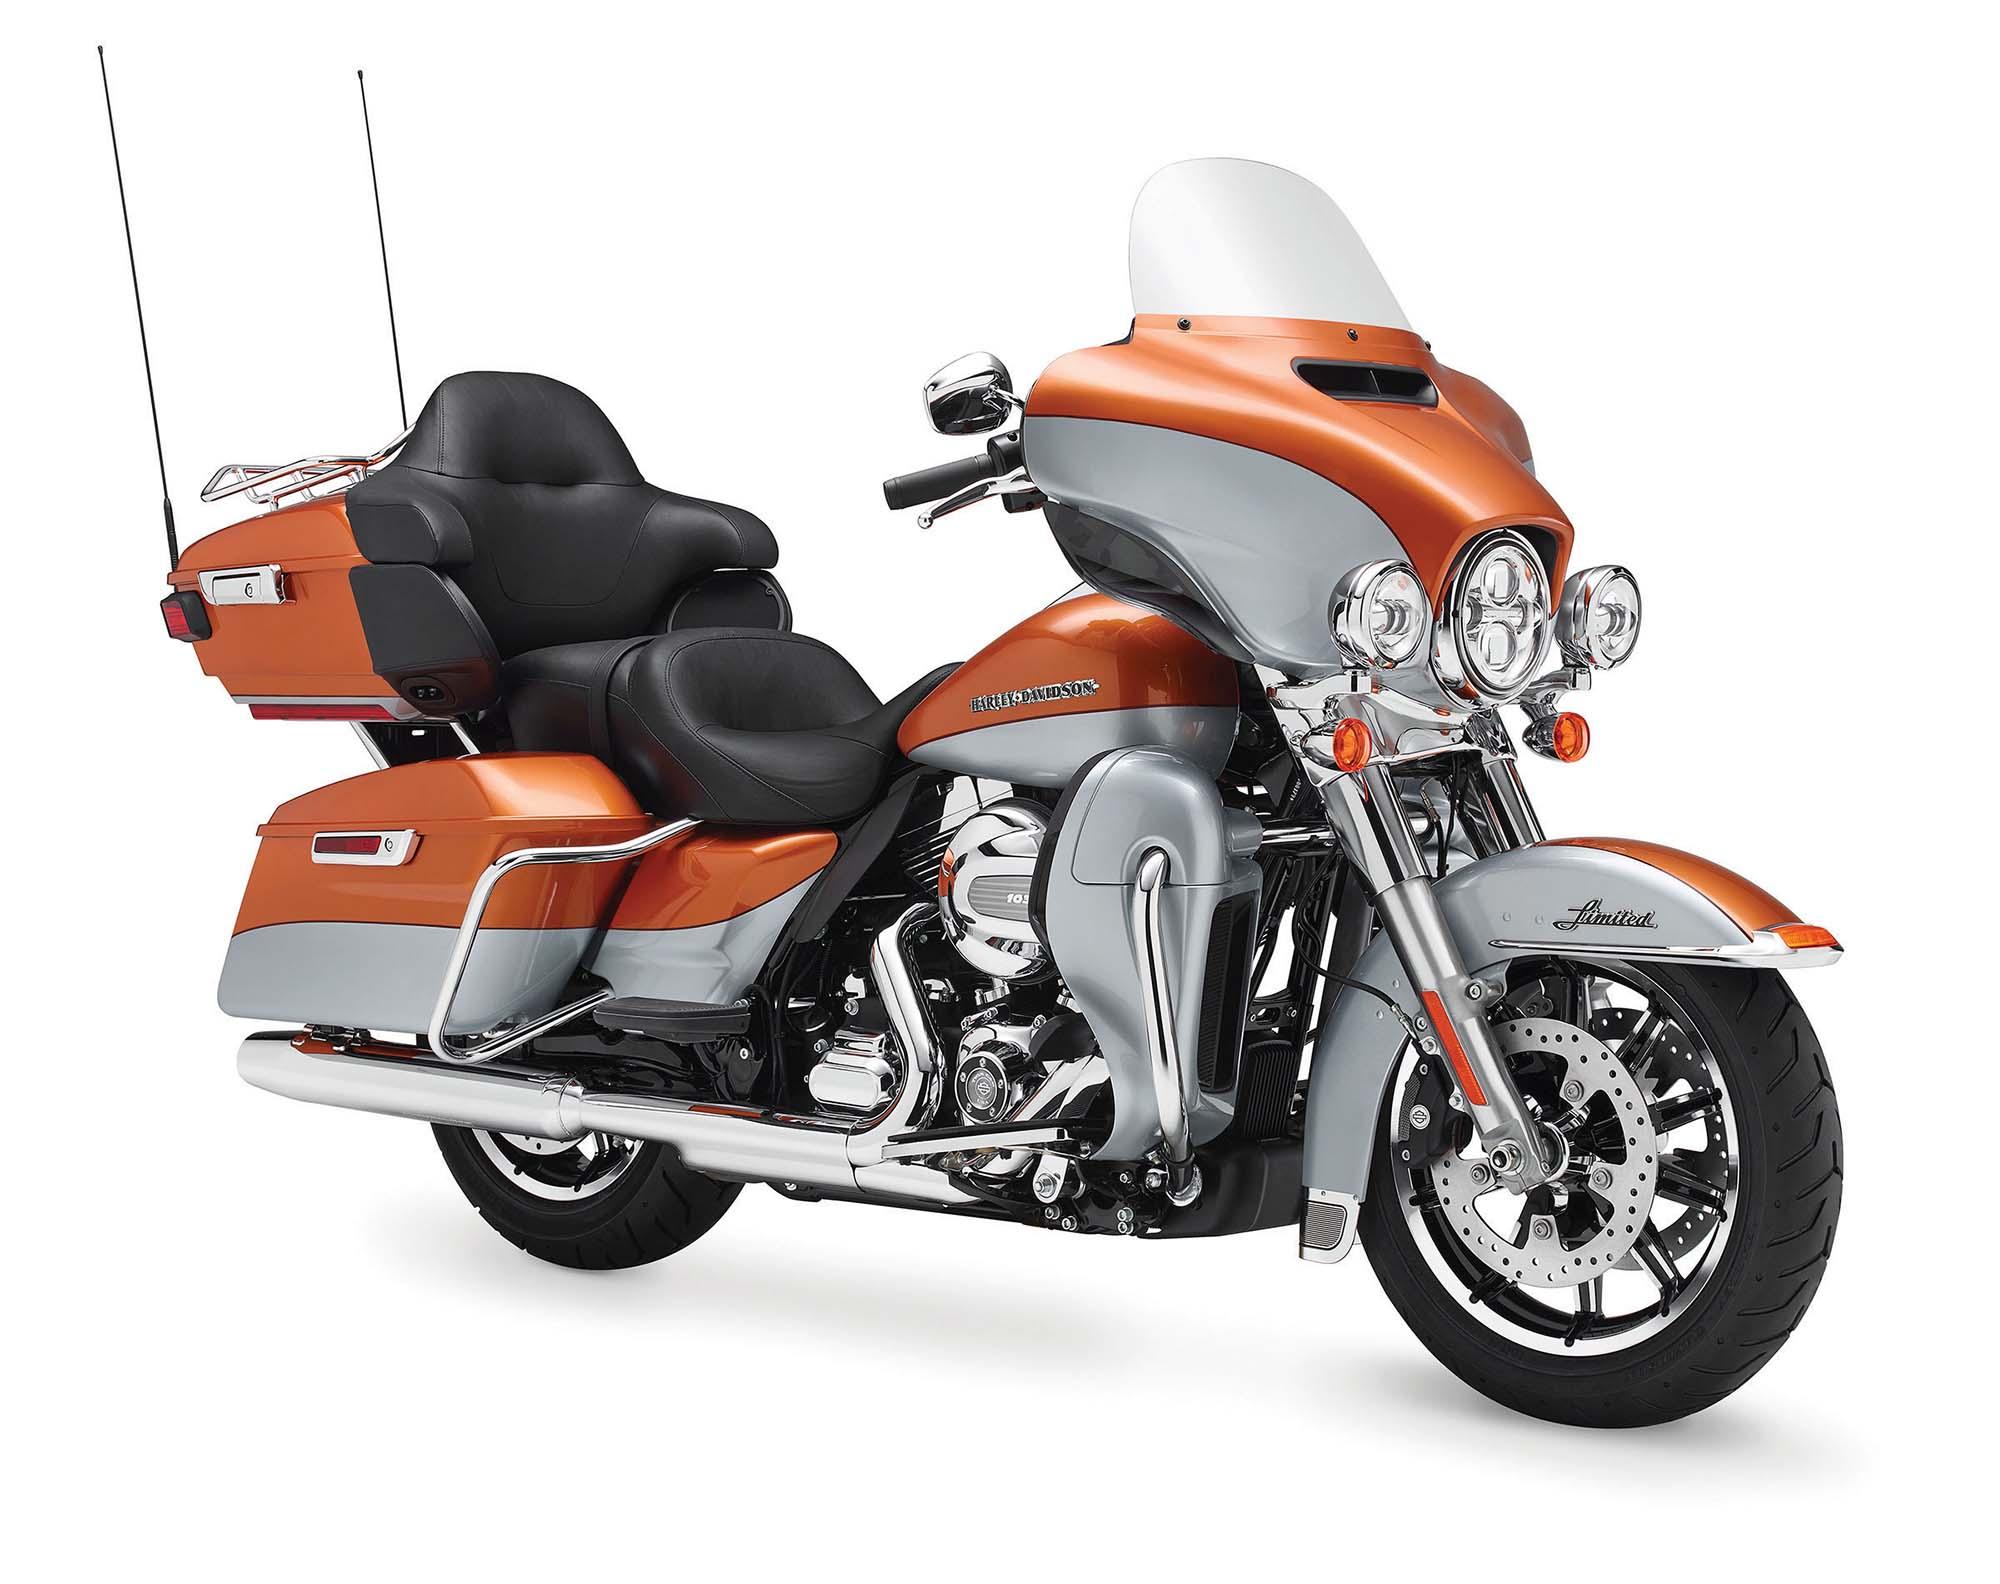 Harley Davidson Debuts Liquid Cooled Engines For Tourers Asphalt Rubber